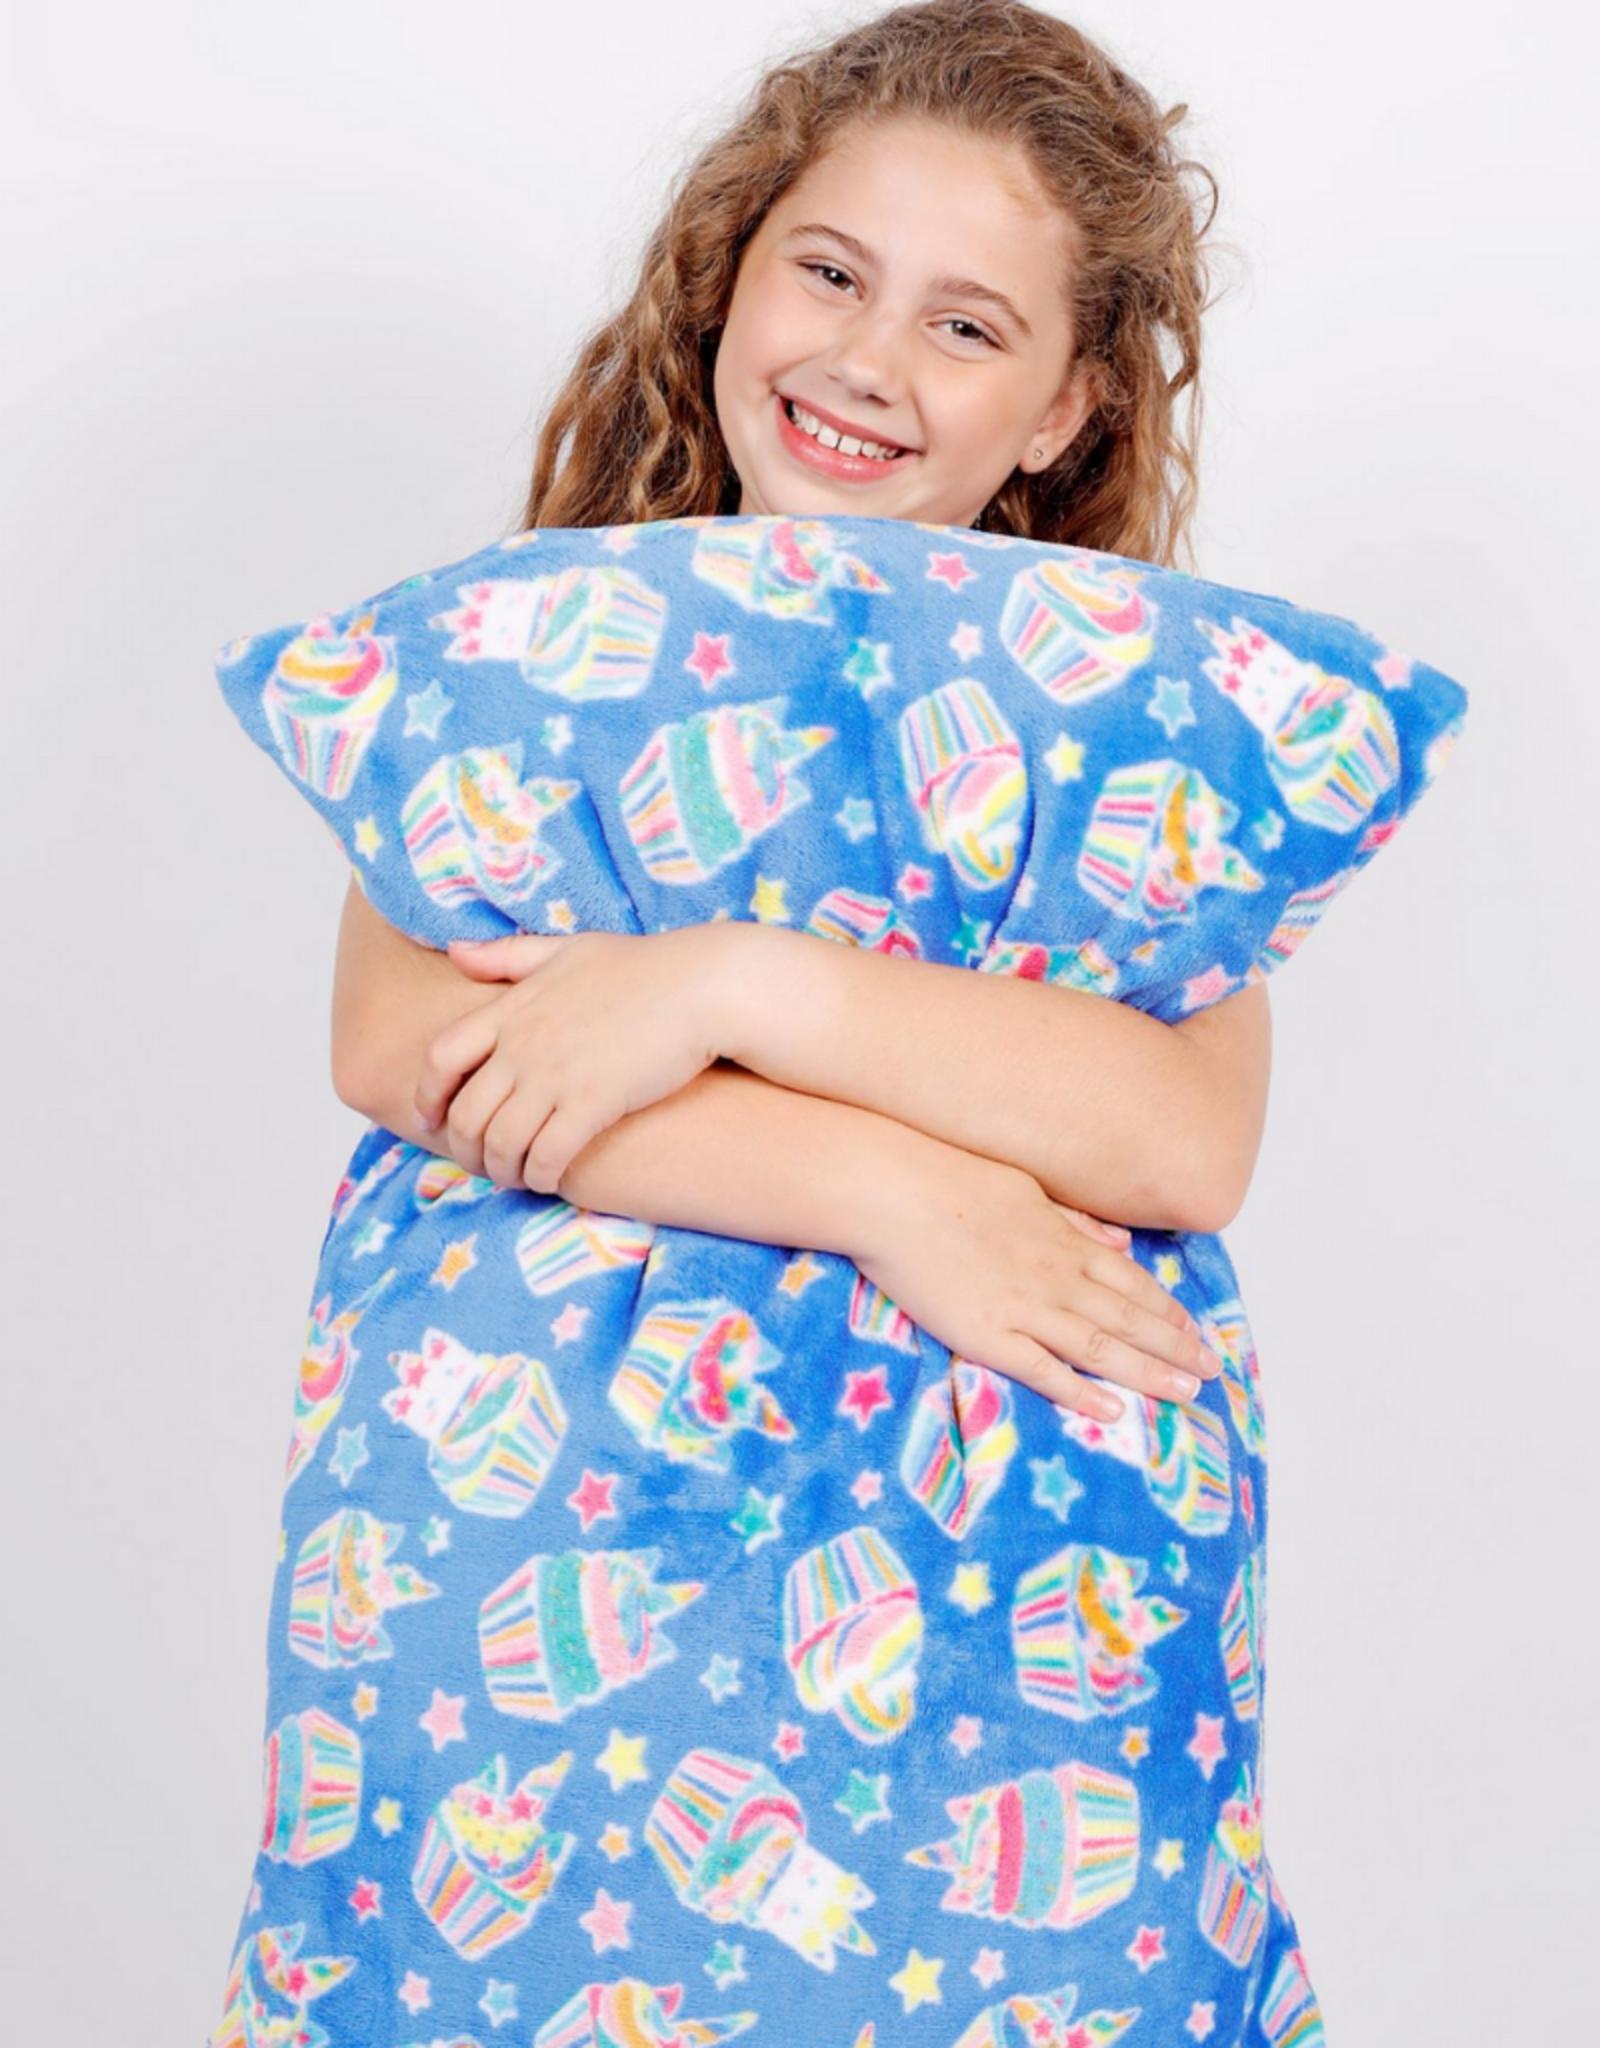 Candy Pink Unicorn Cupcake Pillowcase